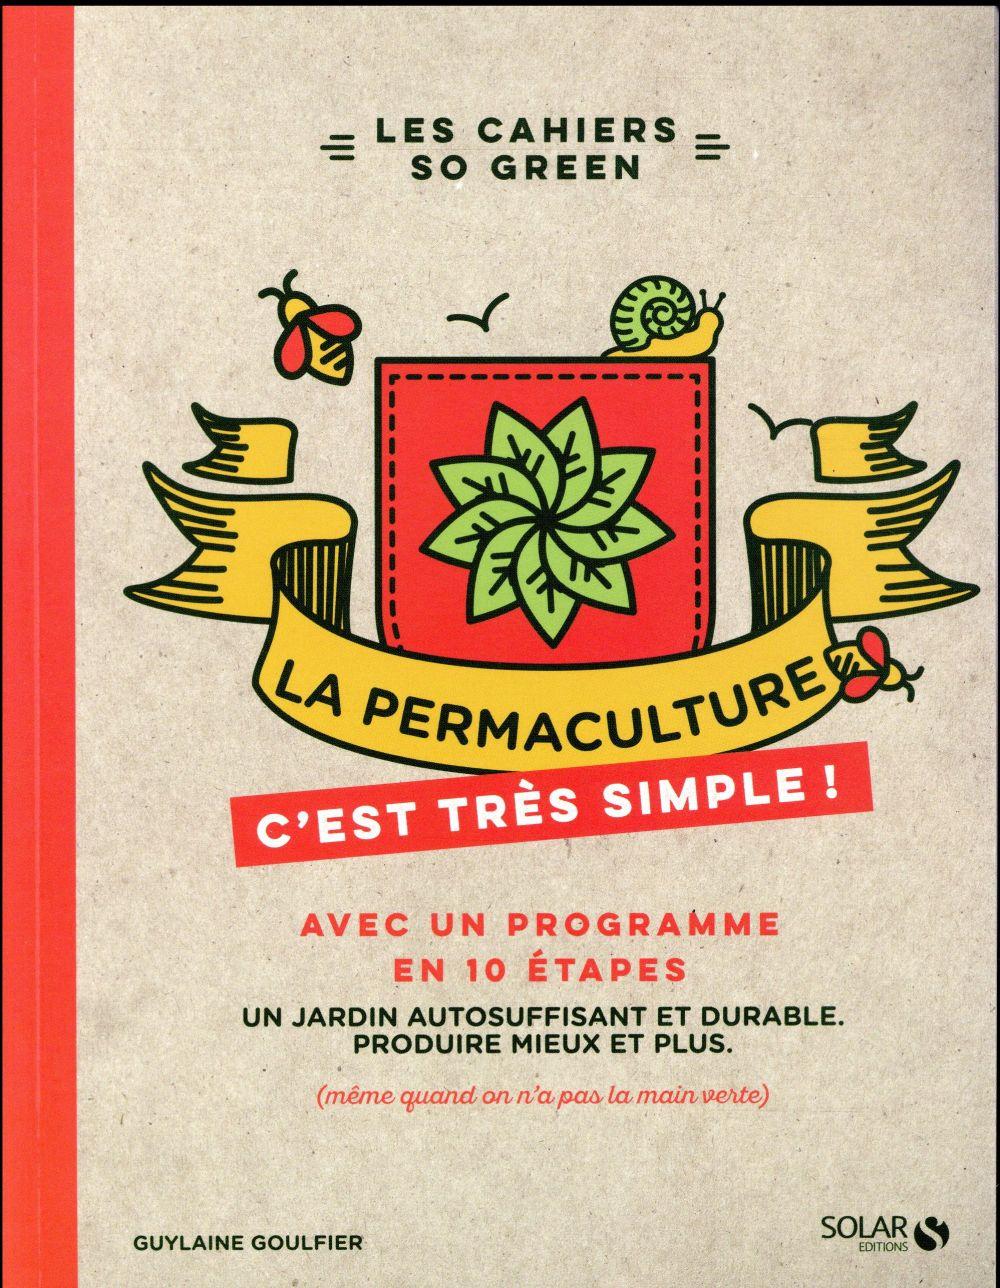 la permaculture, c'est très simple !